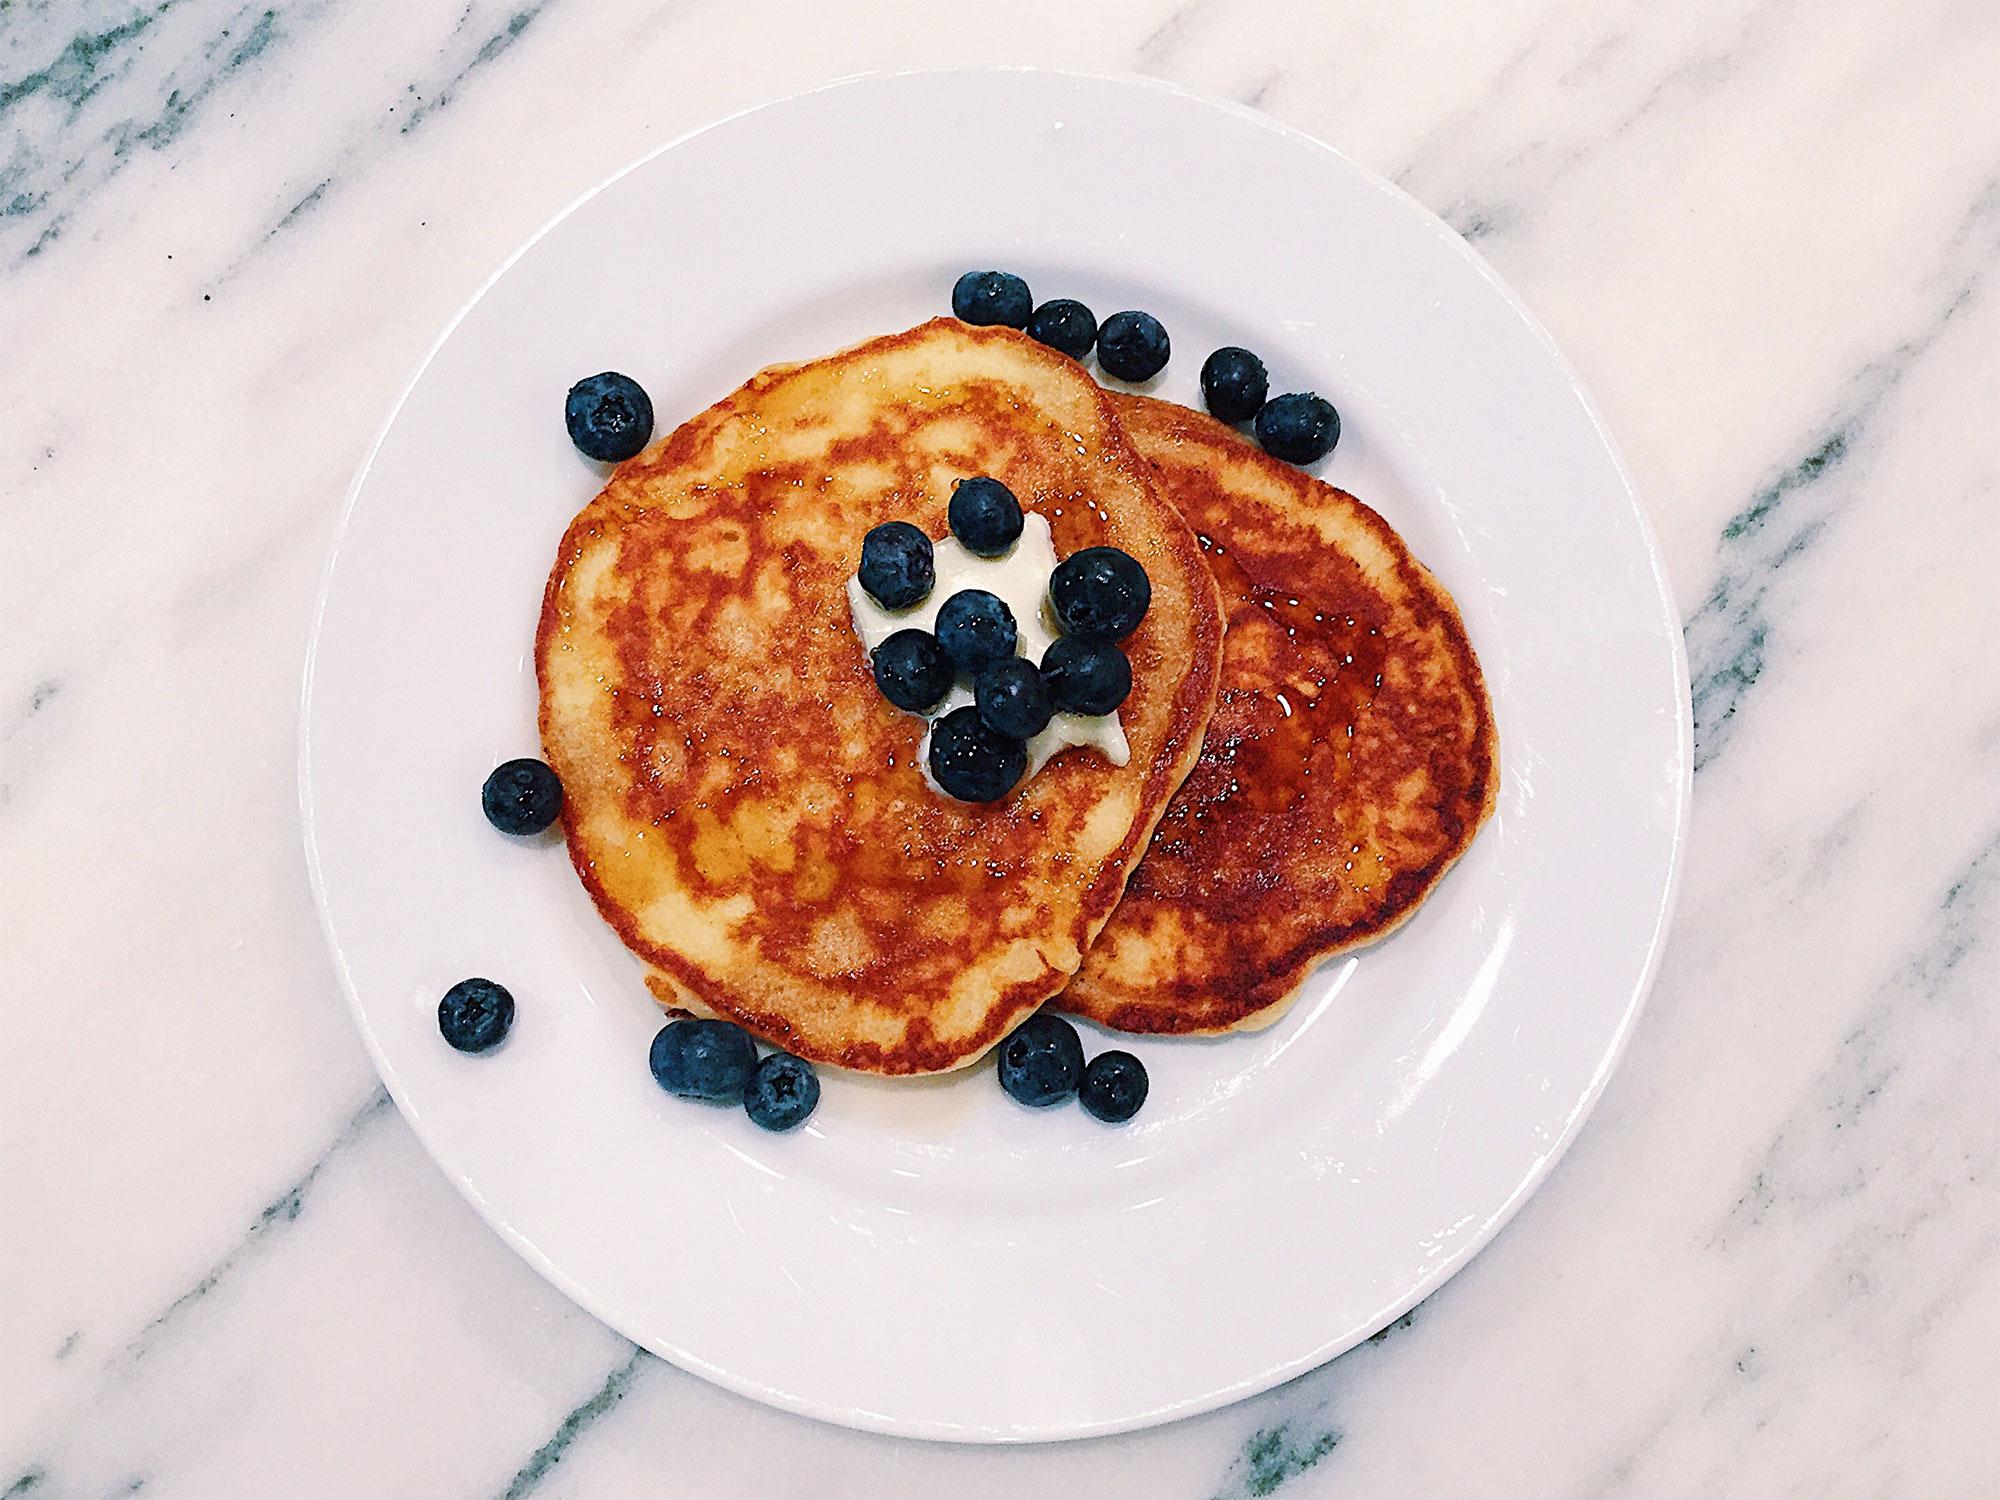 bubbys-pancake-mix-diy.jpg